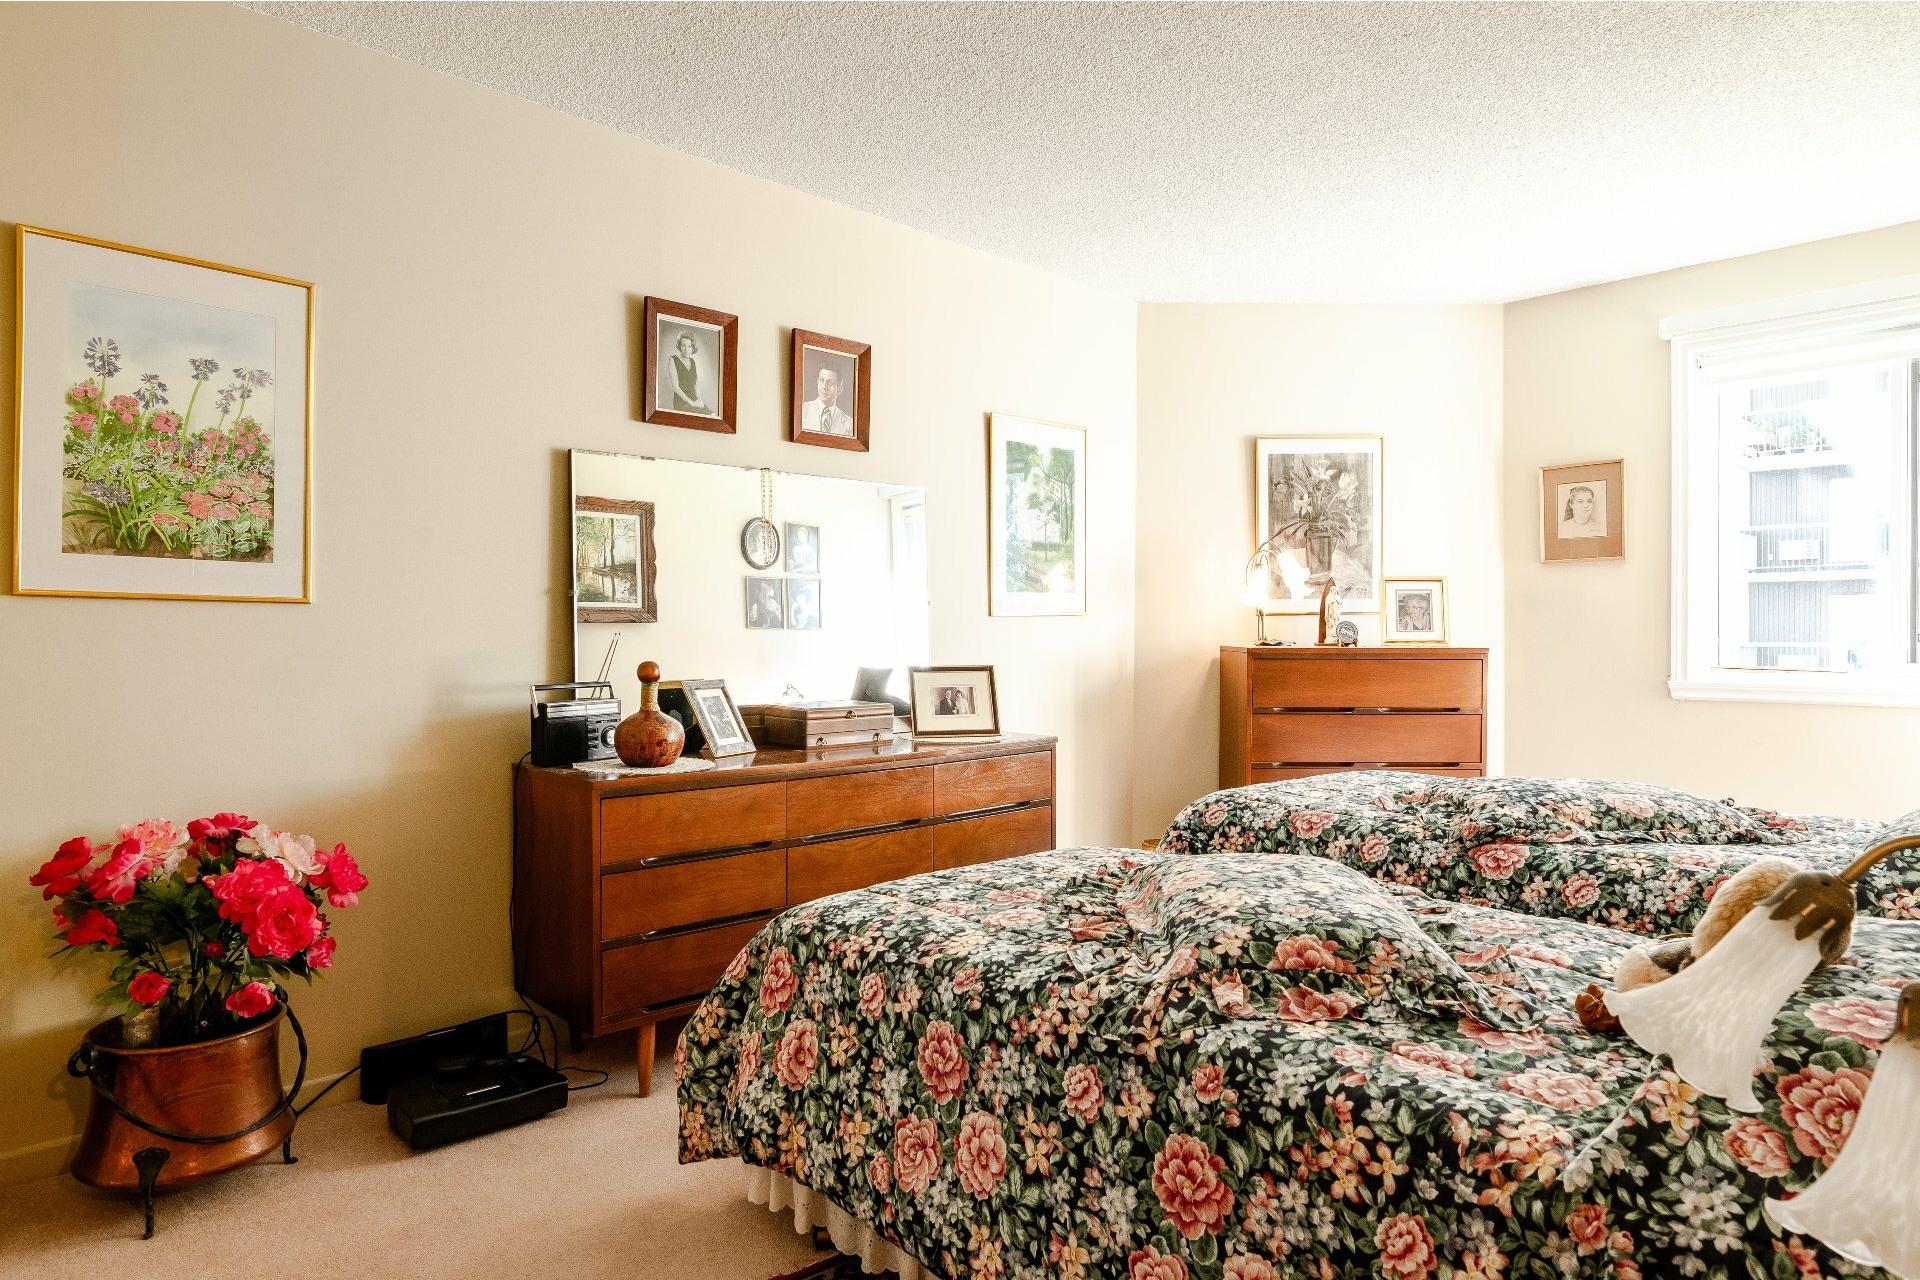 image 10 - Apartment For sale Pierrefonds-Roxboro Montréal  - 5 rooms